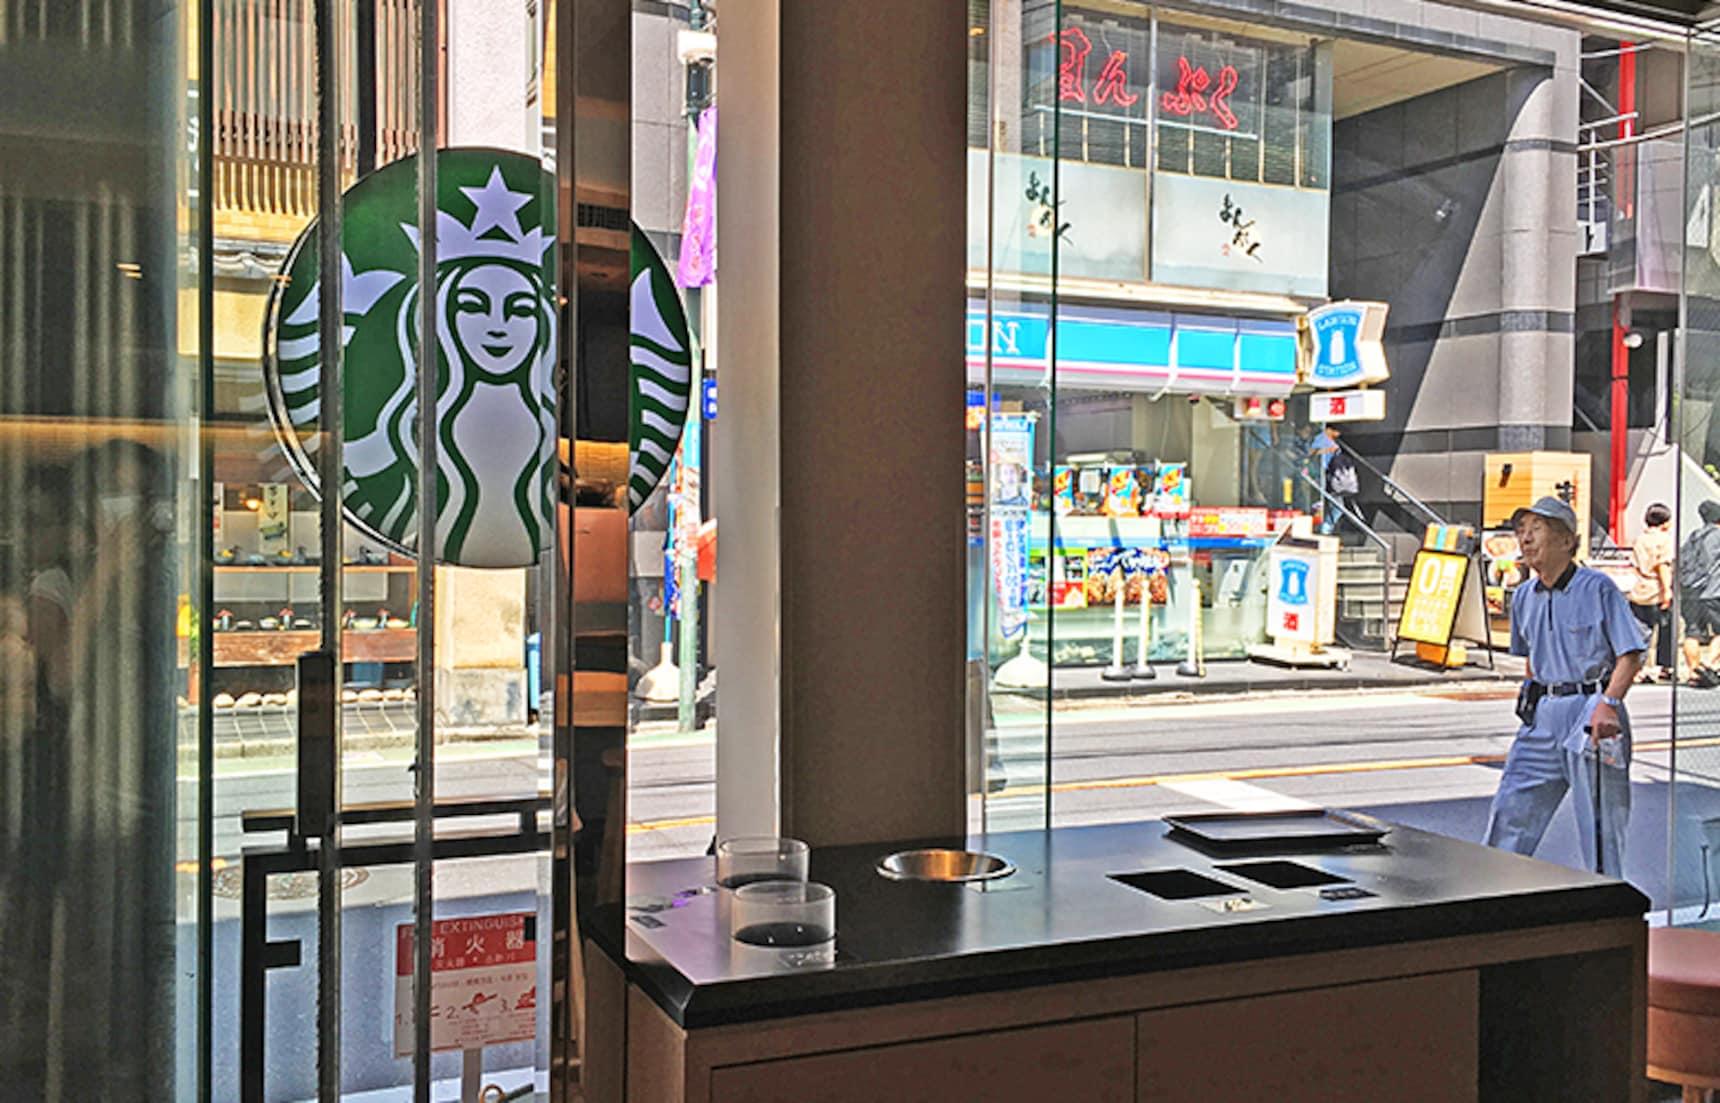 สตาร์บัคส์ในญี่ปุ่นเป็นแค่กาแฟธรรมดาๆเจ้านึง